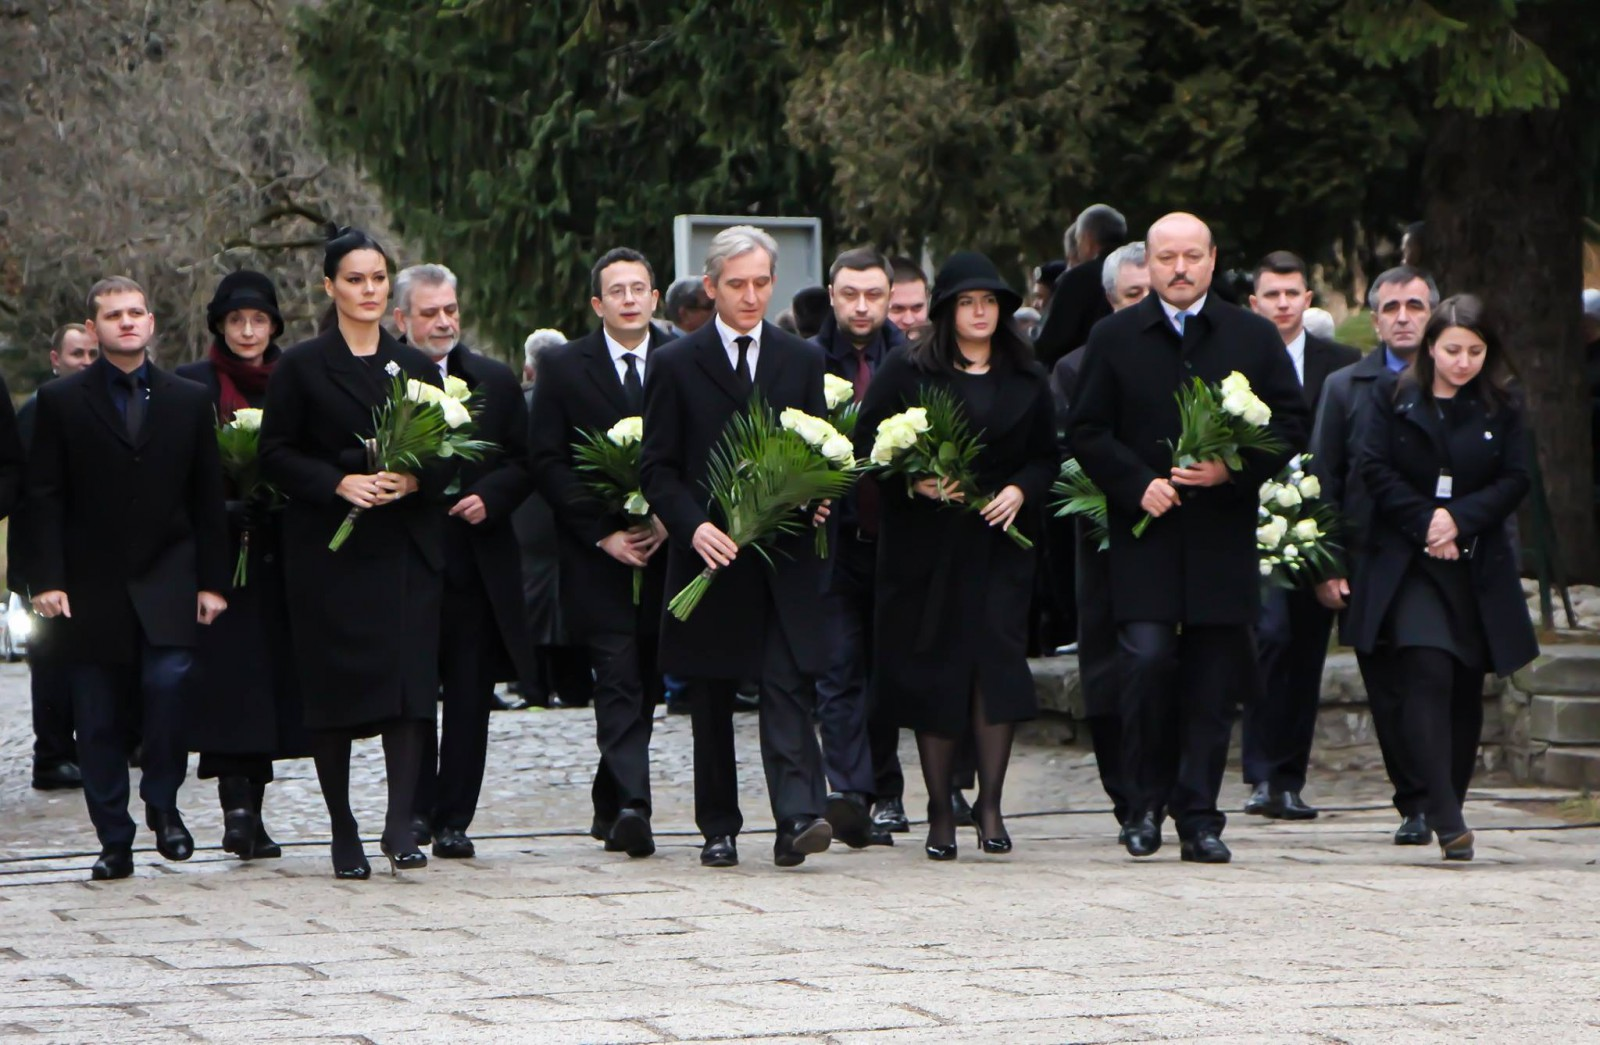 """(foto) Delegația Republicii Moldova a ajuns la funeraliile Regelui Mihai I. Alina Zotea: """"Drum bun, Majestate! Să vegheați de sus poporul român"""""""